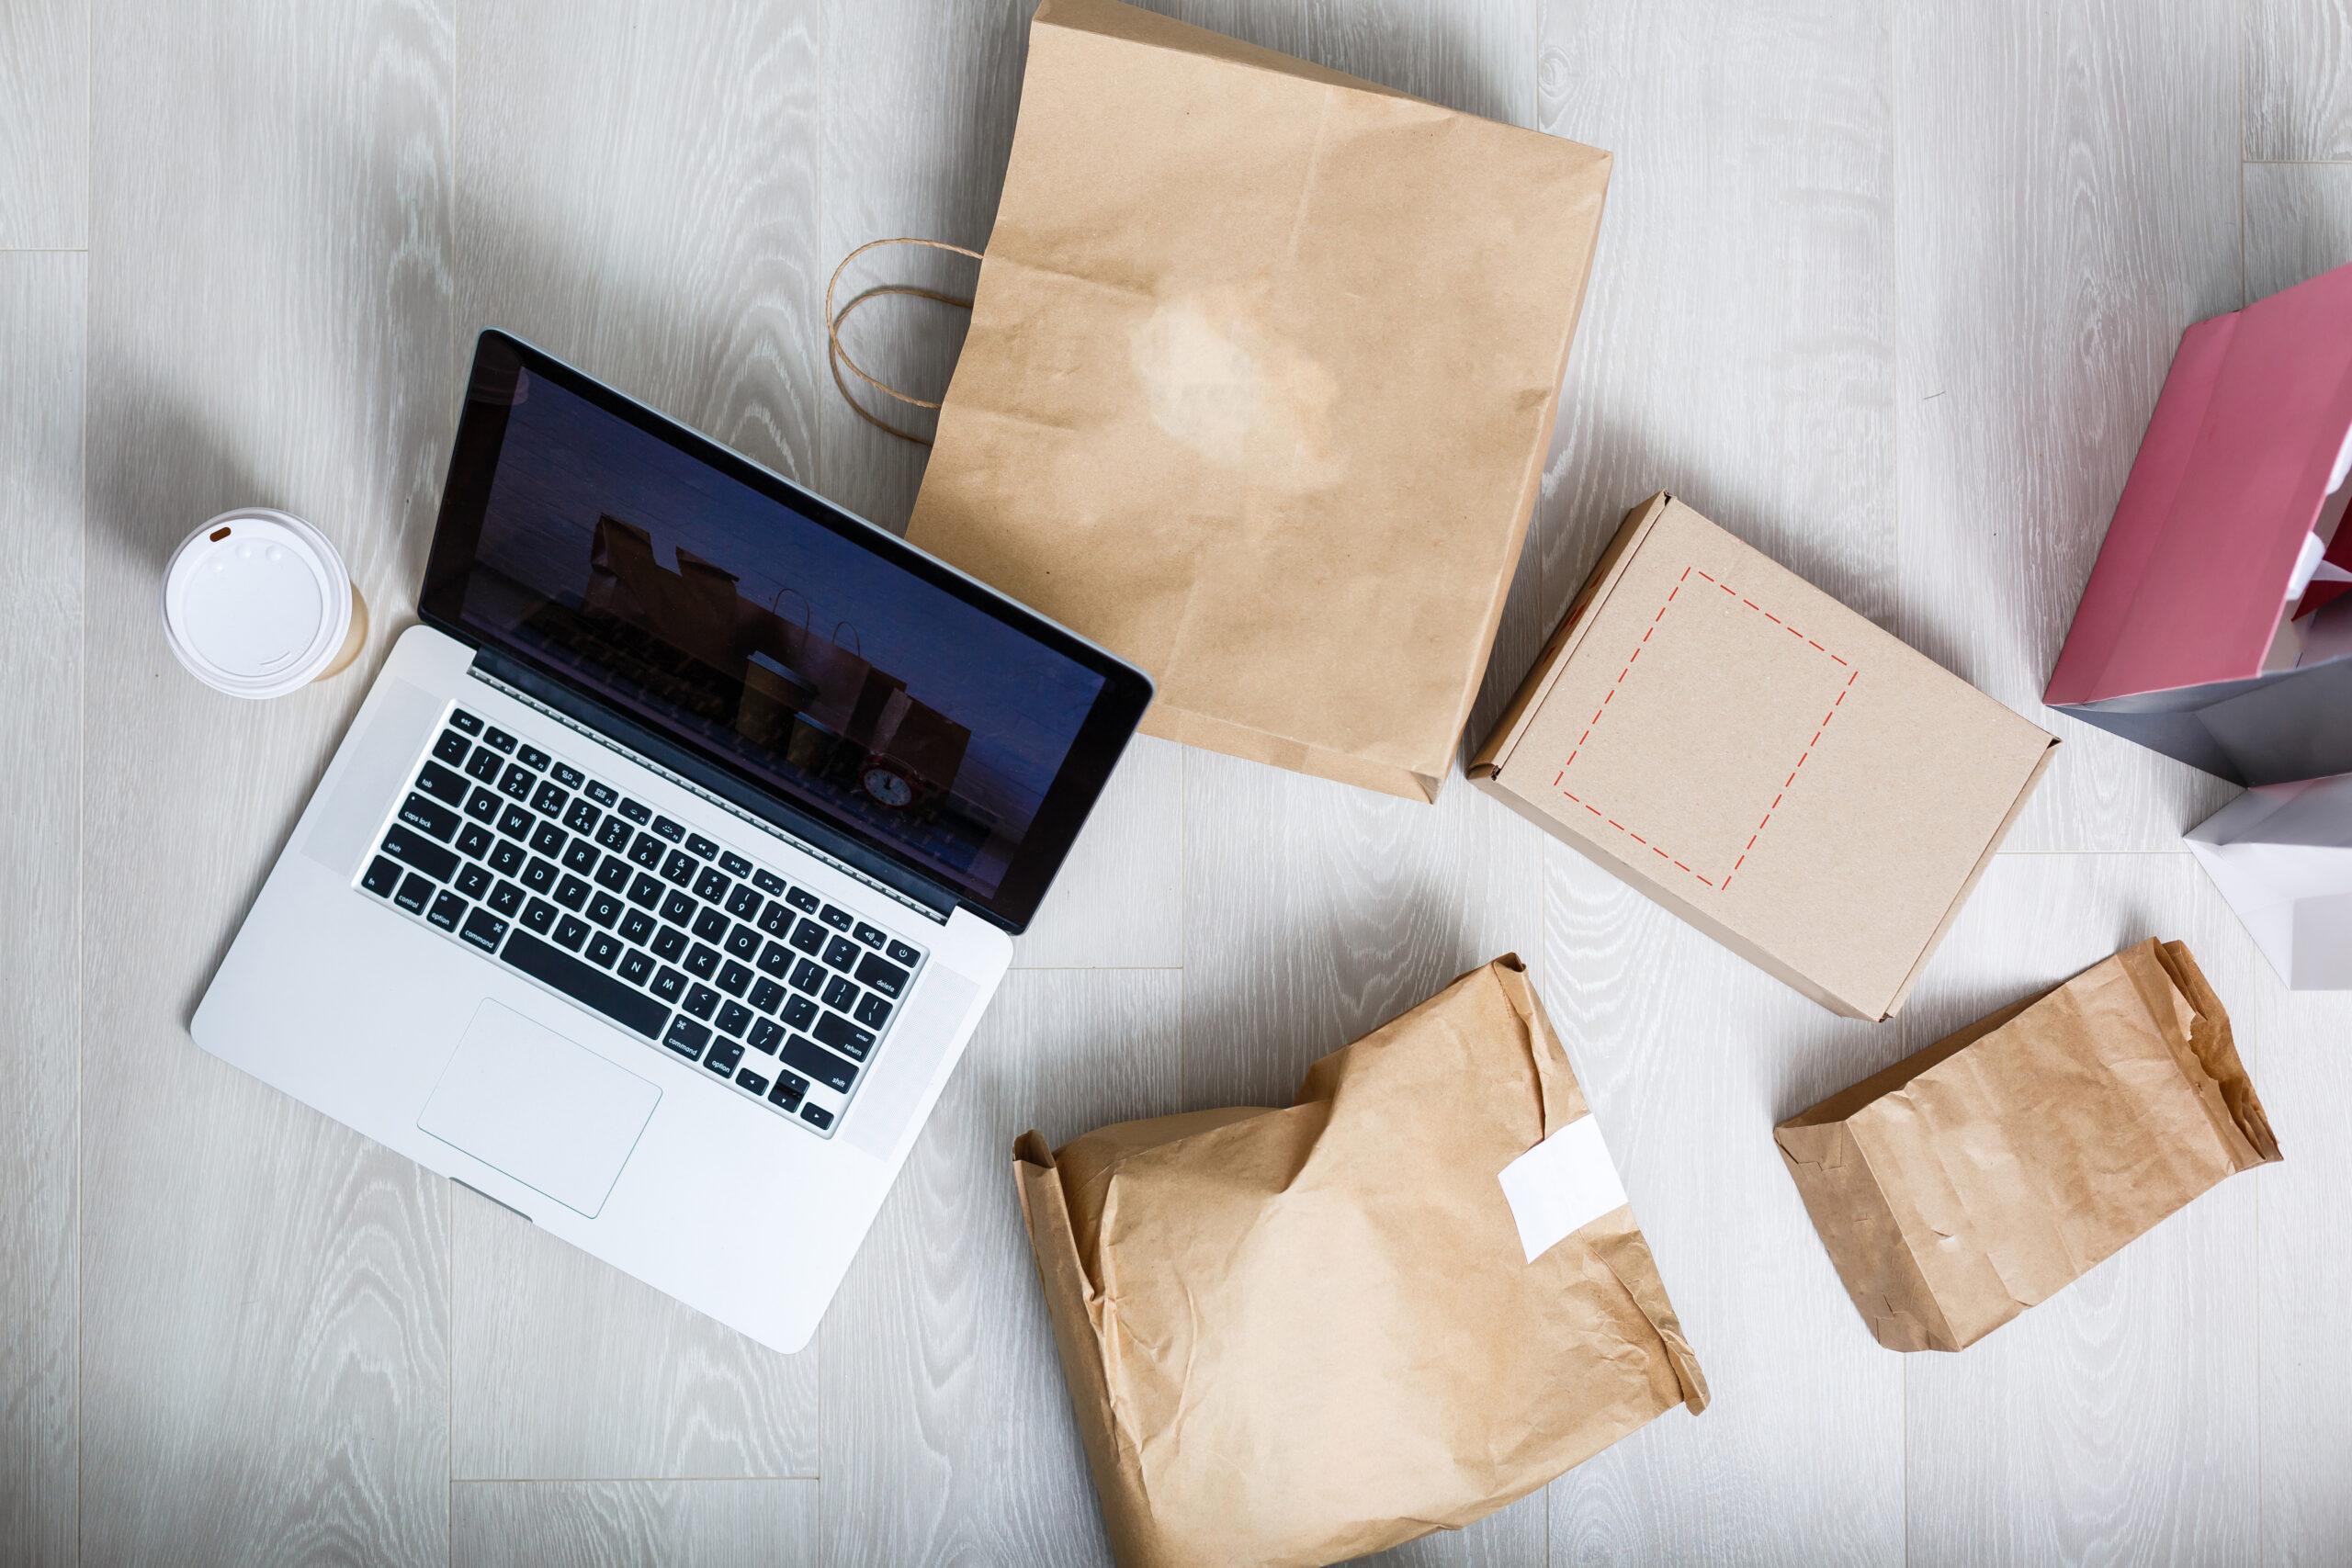 3|ネットショッピングで爆買いをしたい